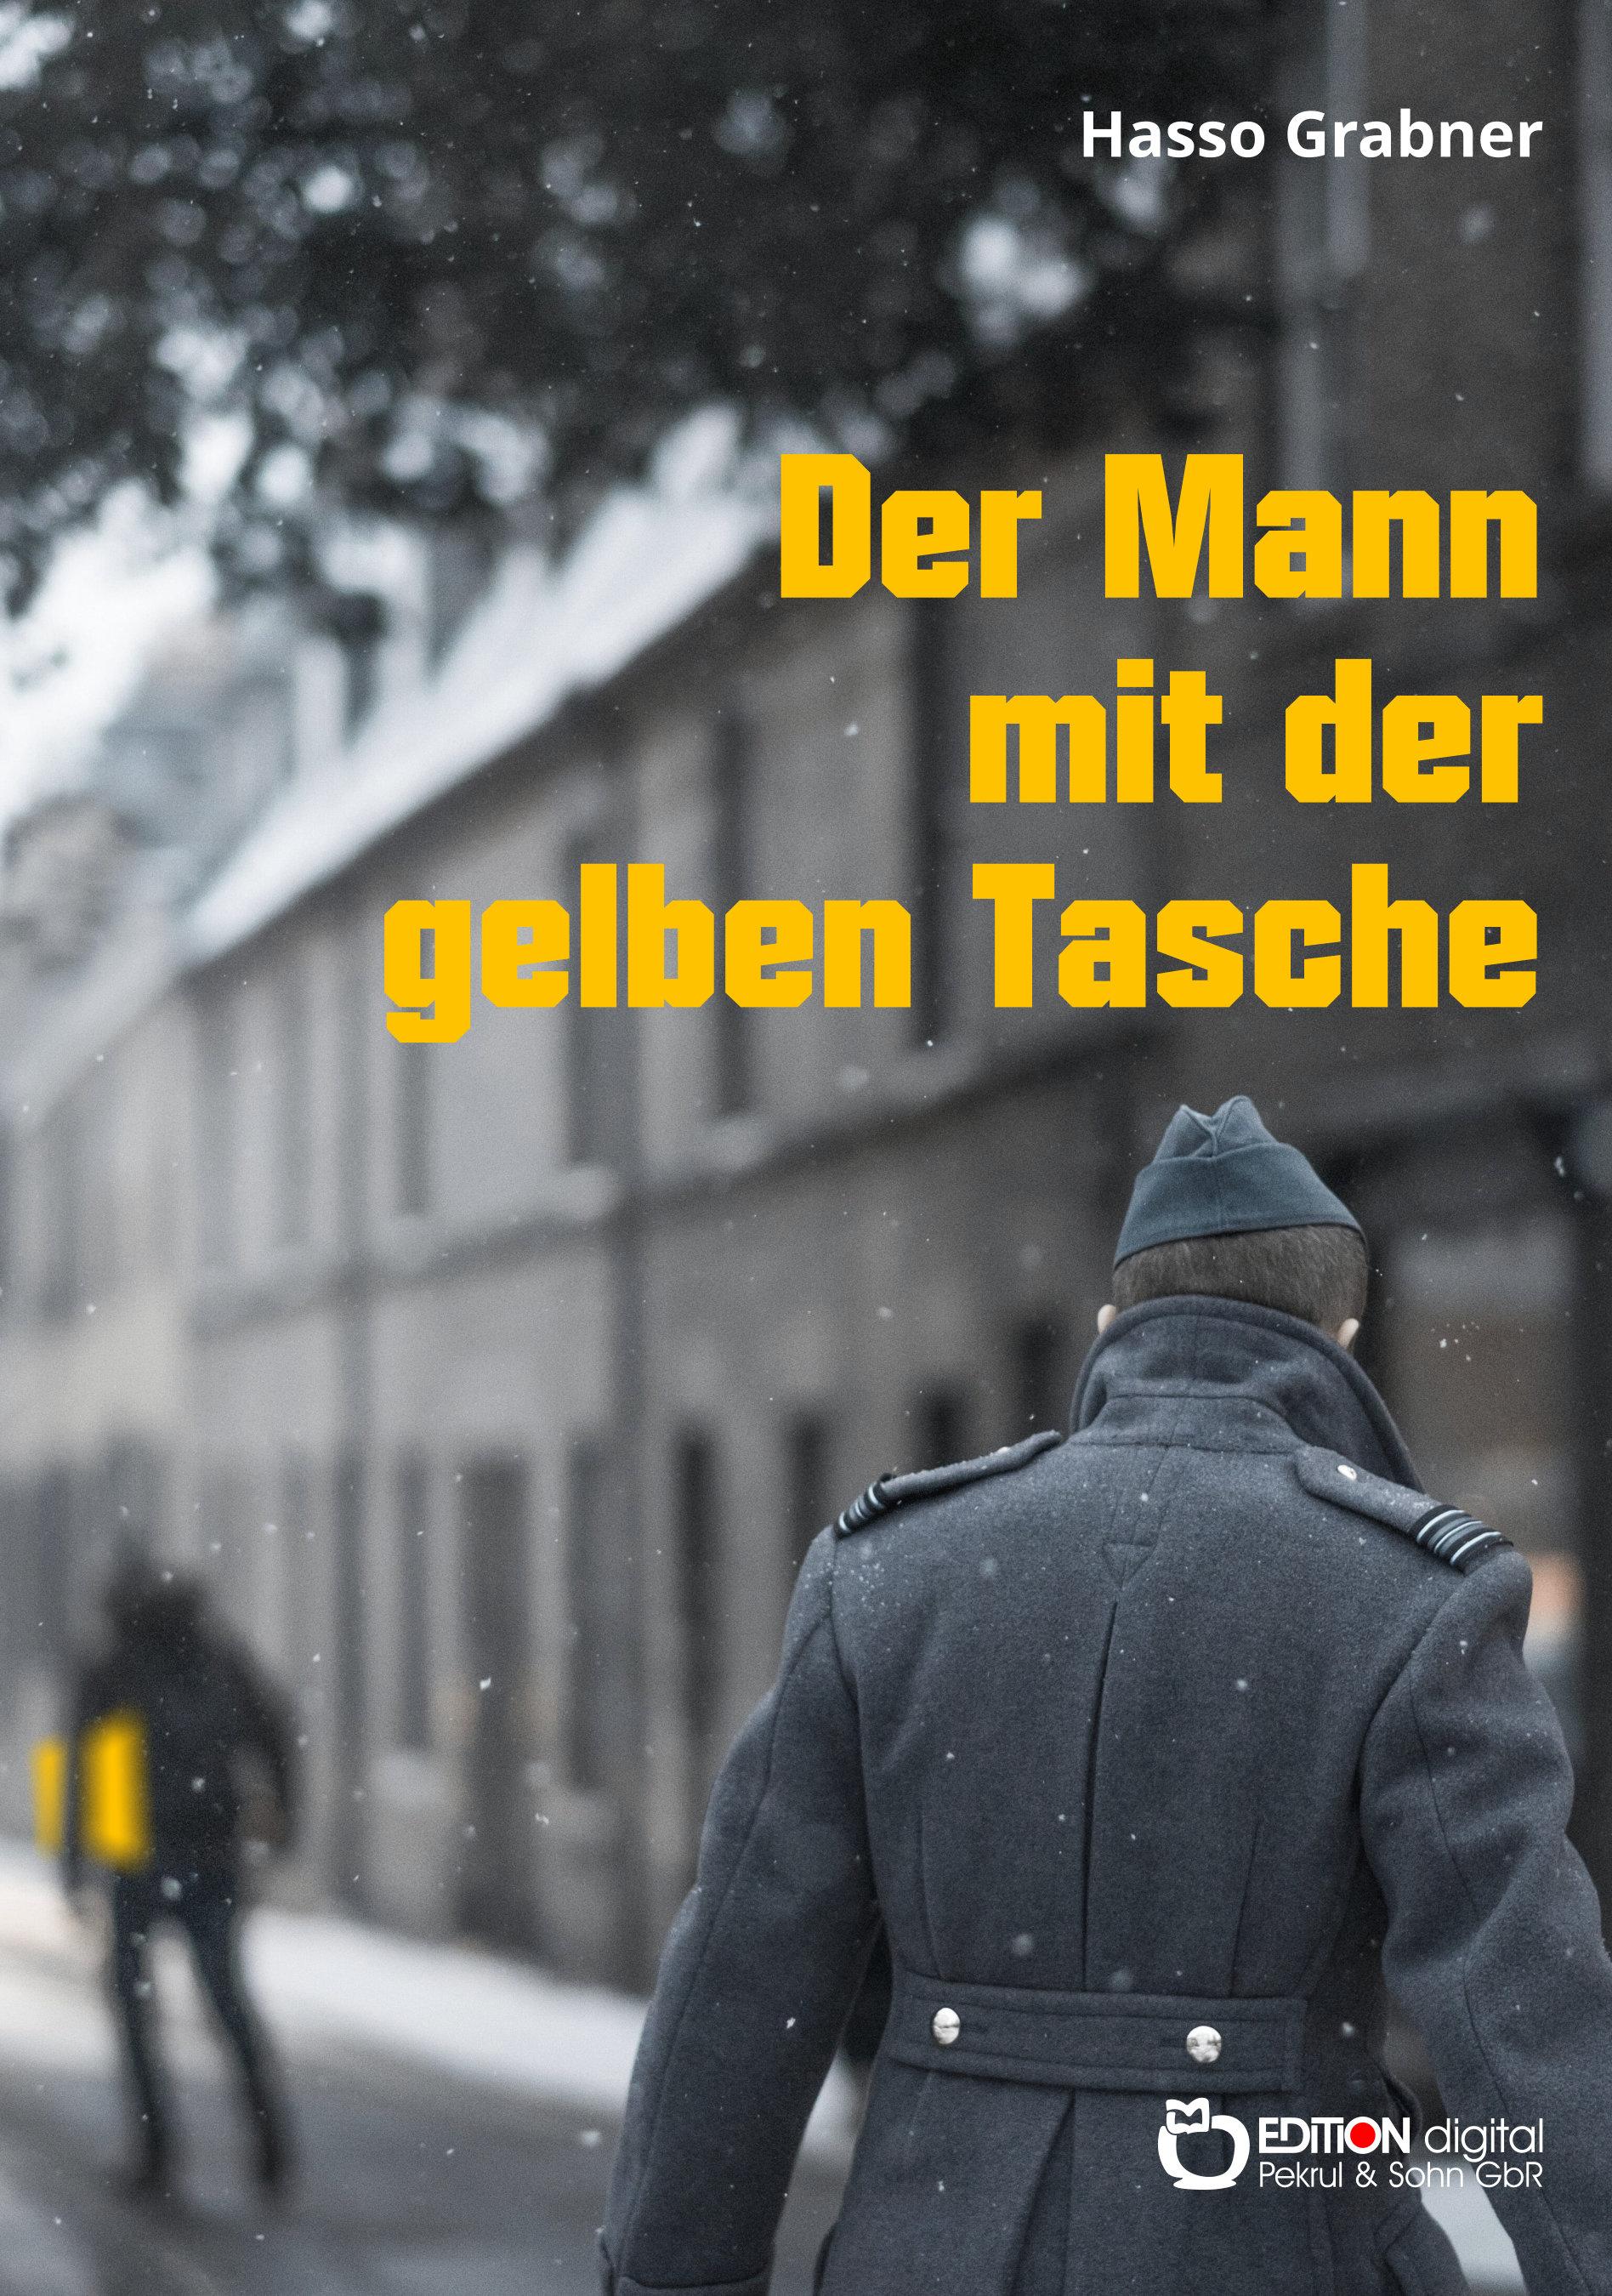 Der Mann mit der gelben Tasche. Erzählung von Hasso Grabner